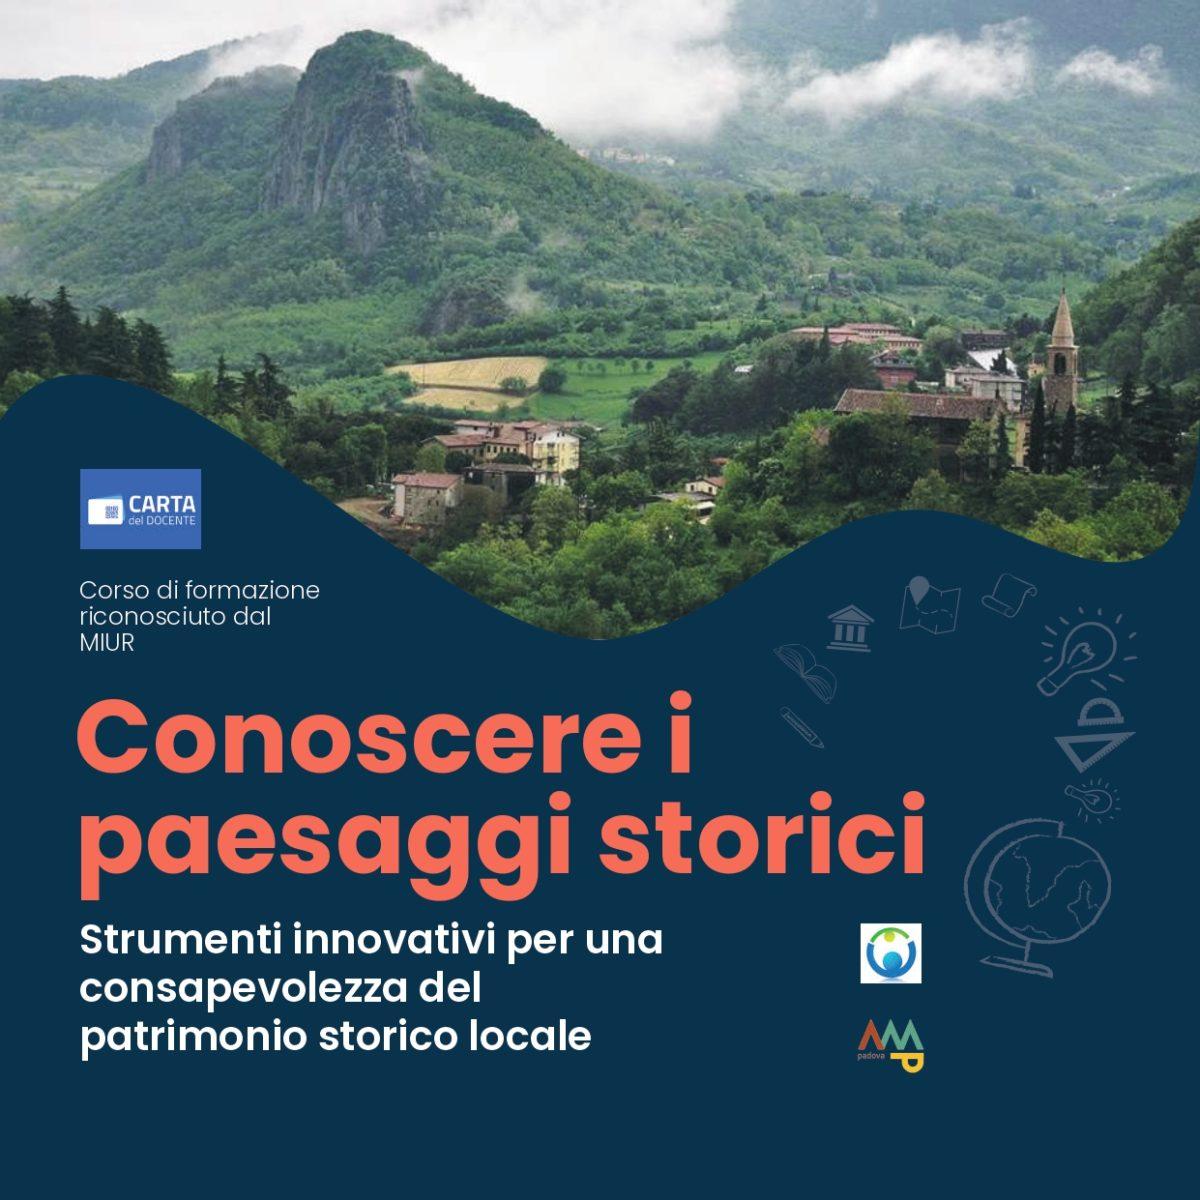 Didattica-innovativa-per-la-conoscenza-dei-paesaggi-storici_page-0001-1200x1200.jpg